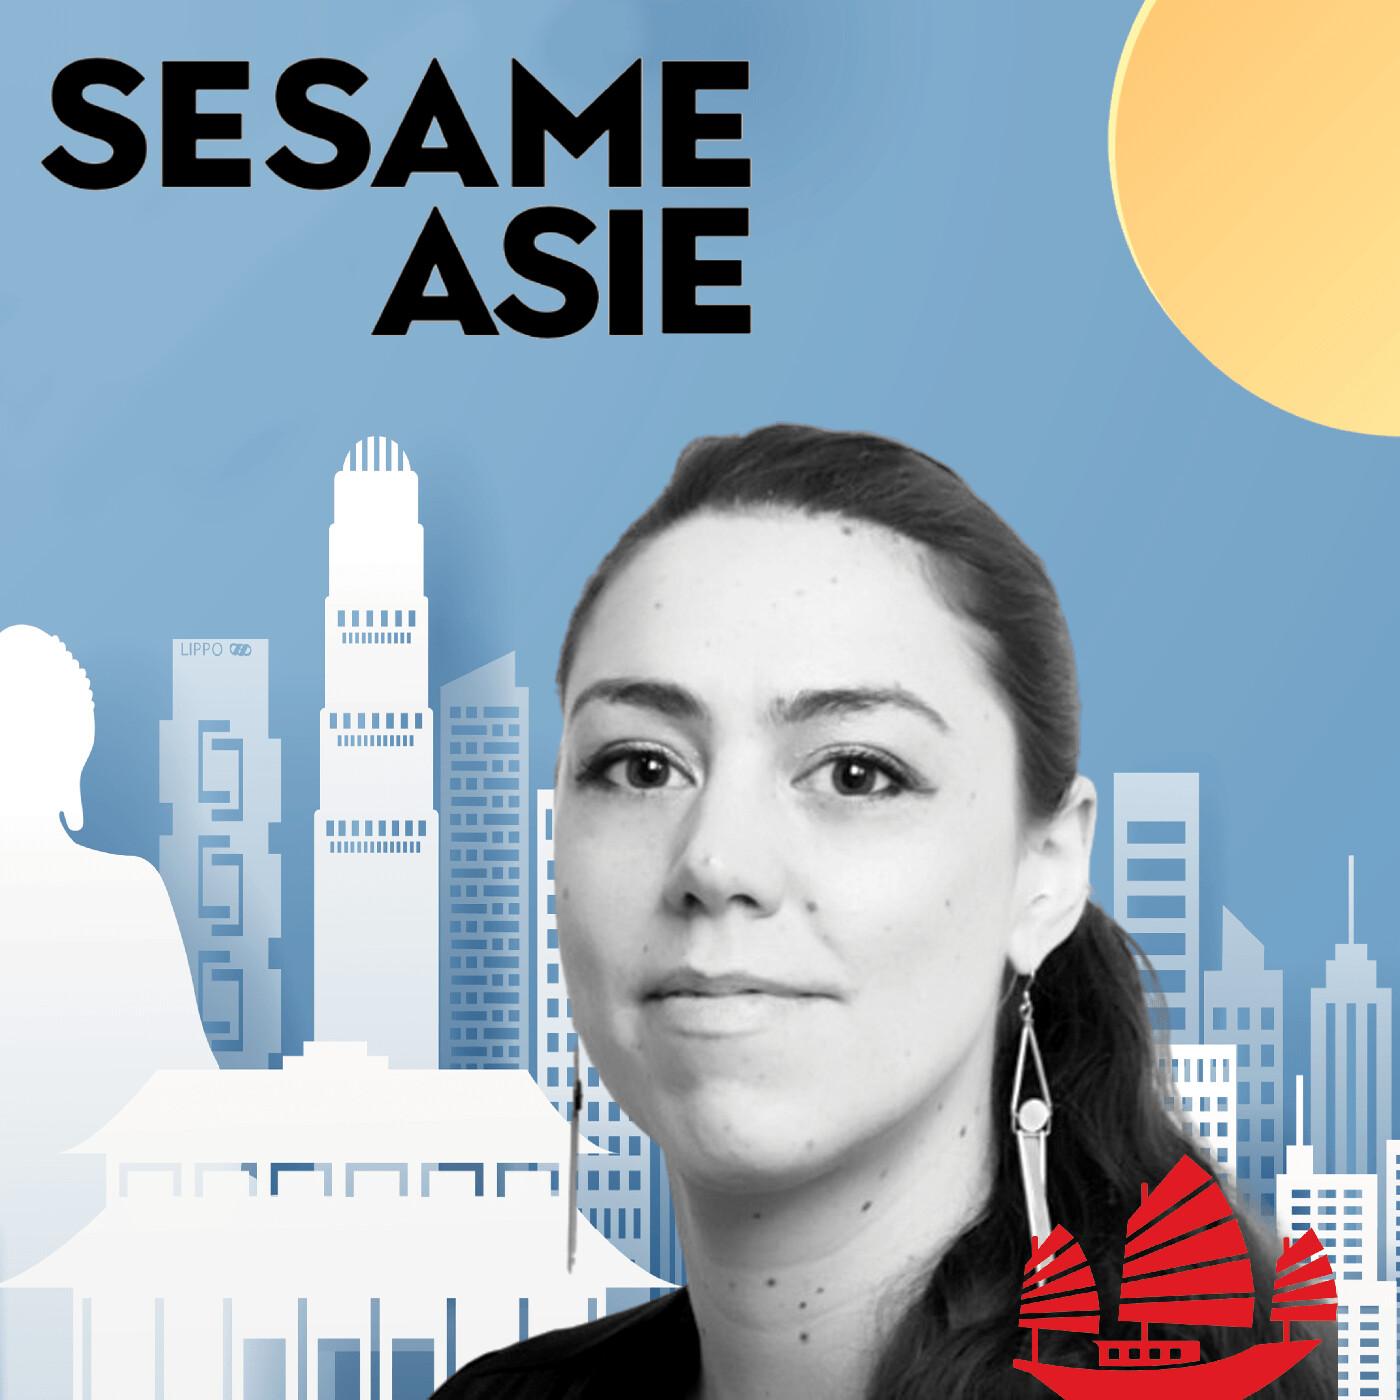 #44 Shanghai: Rachel Daydou [Fabernovel] Plaisir de l'excellence par le Kungfu, accompagnement des startups et corpos en Chine